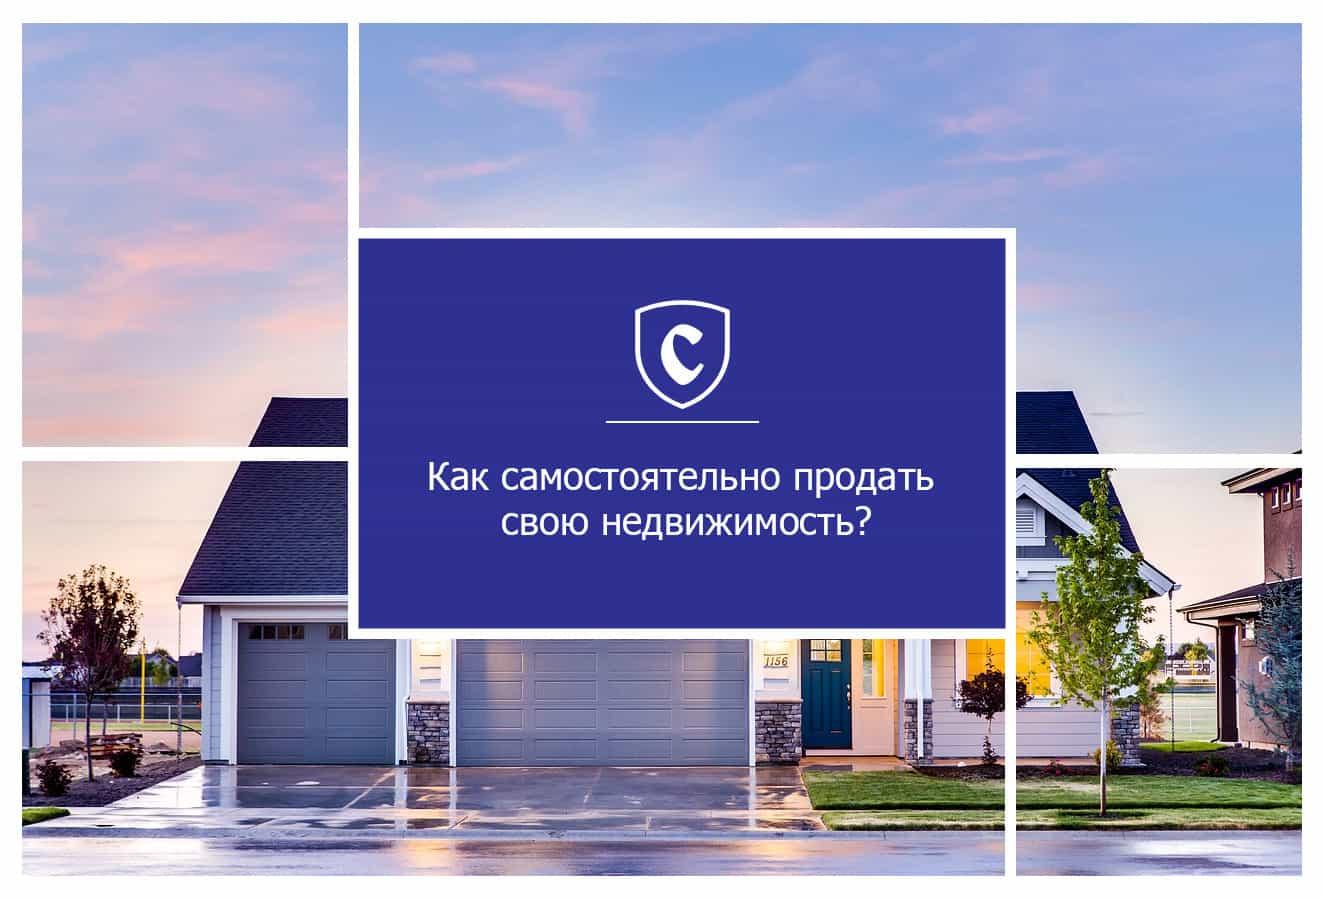 Как самостоятельно продать свою недвижимость